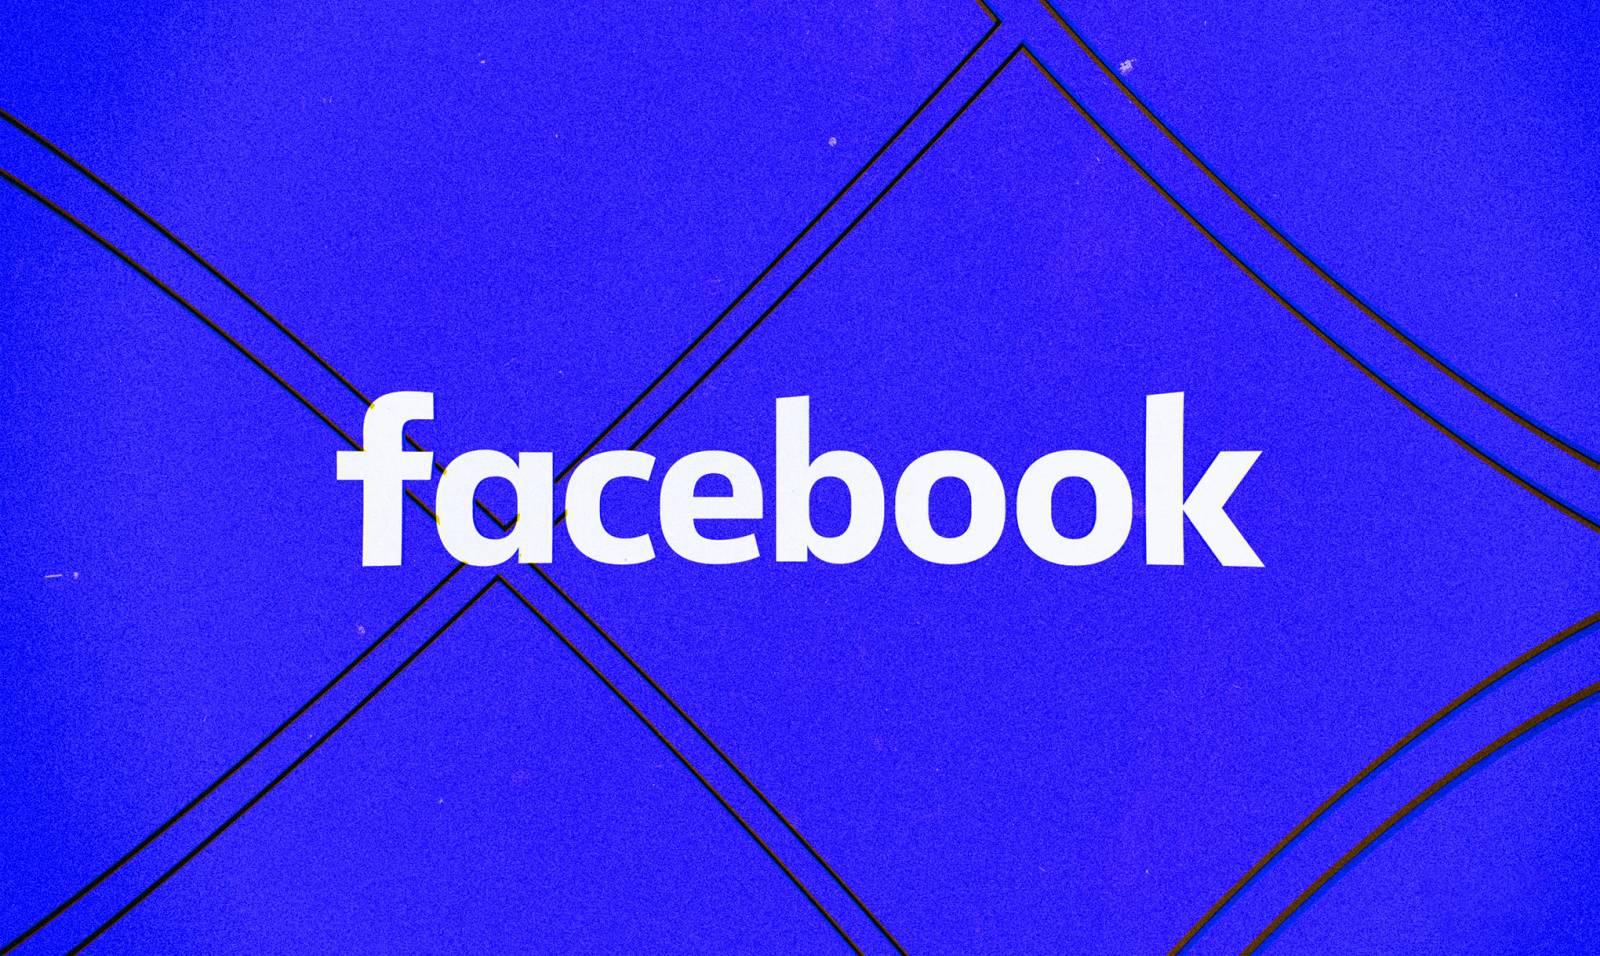 Facebook Update lansat Utilizatorii Aplicatiilor